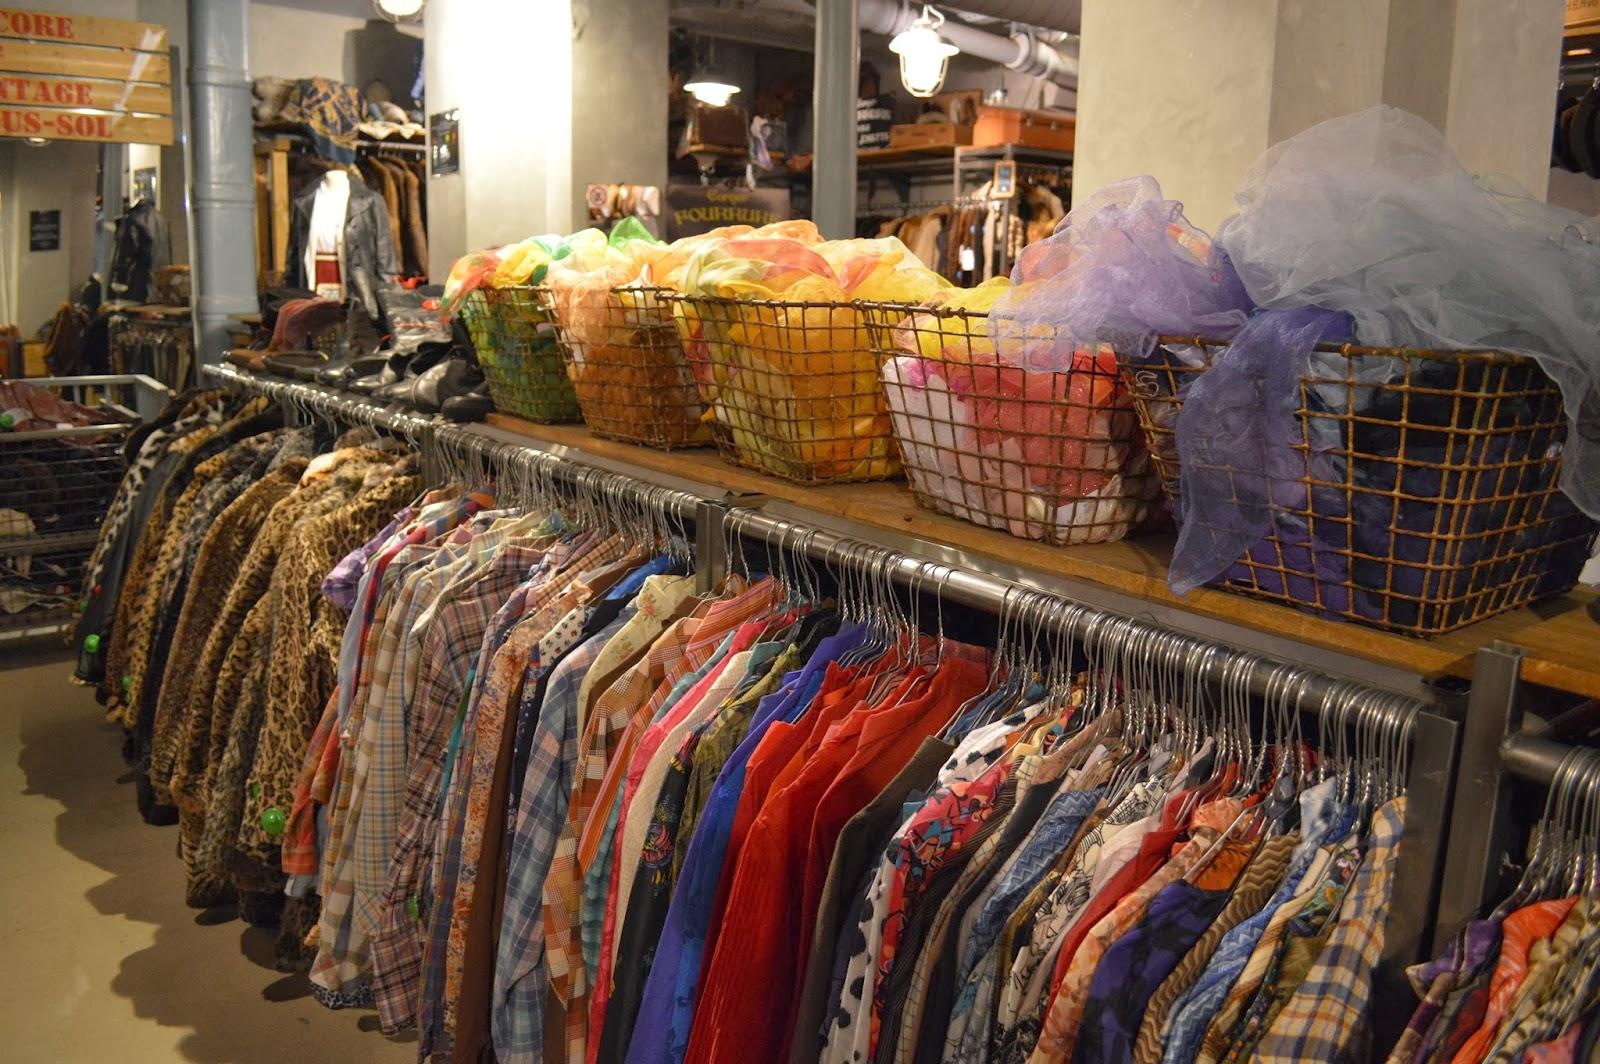 Kilo Shop Vintage shopping in Le Marais Paris